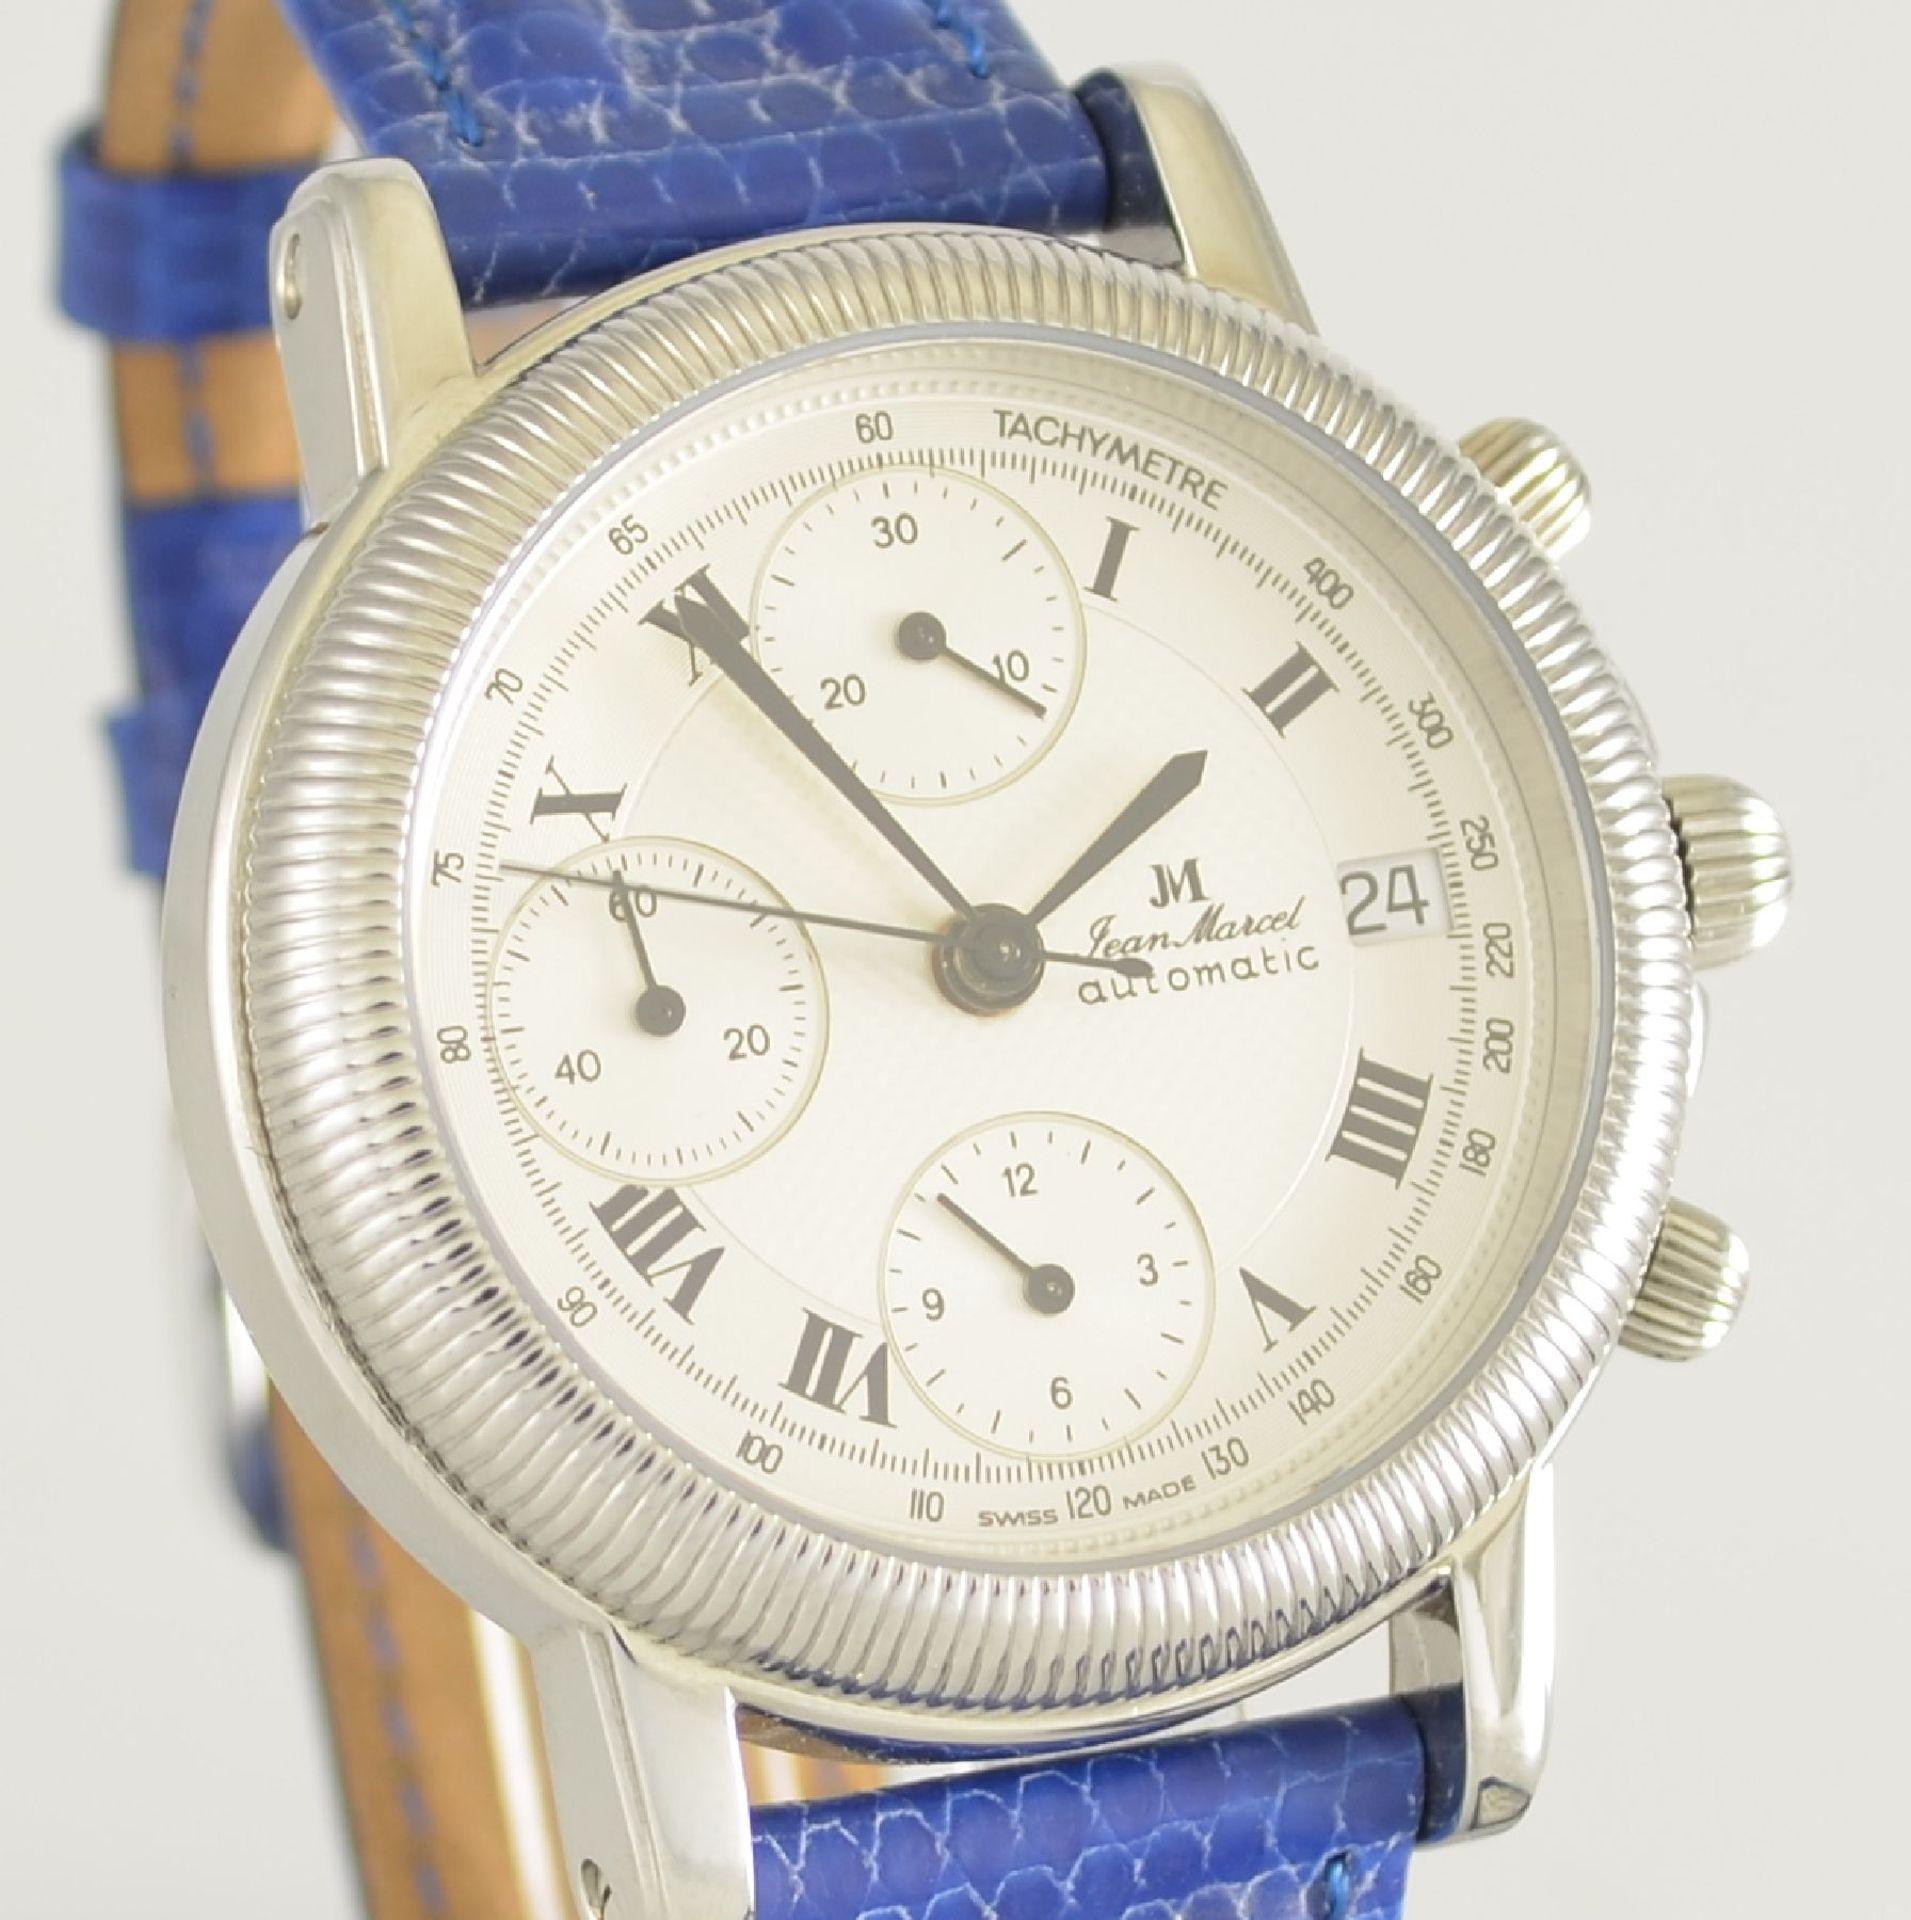 JEAN MARCEL Herrenarmbanduhr mit Chronograph, Schweiz um 2000, Automatik, Ref. 160.134, beids. - Bild 4 aus 7